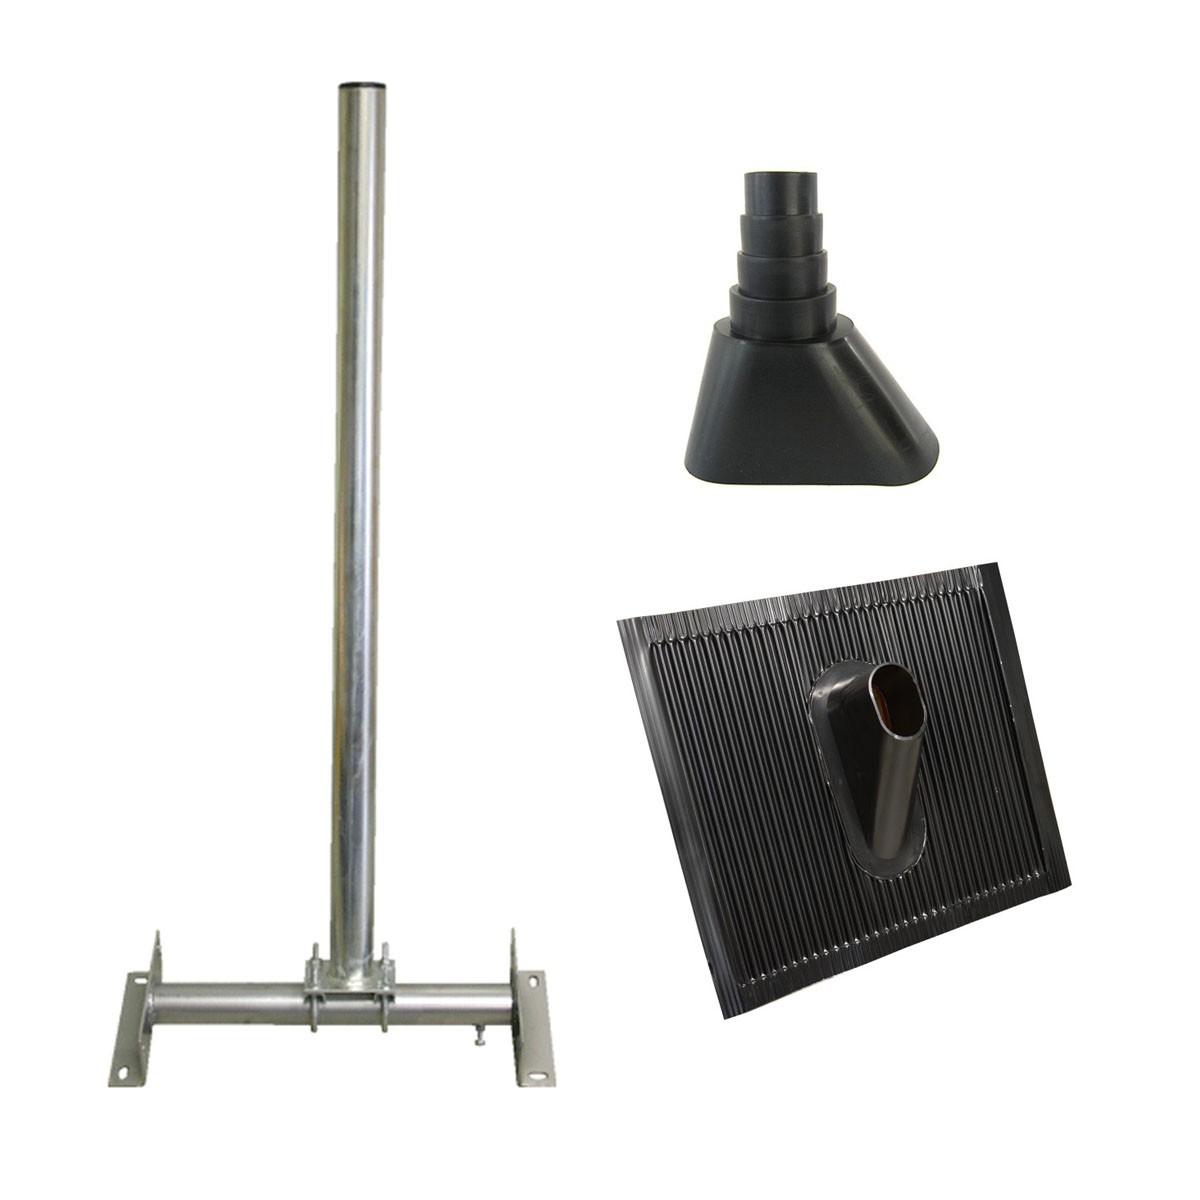 premiumx dachsparrenmasthalter 1m pxs48 gummimanschette. Black Bedroom Furniture Sets. Home Design Ideas